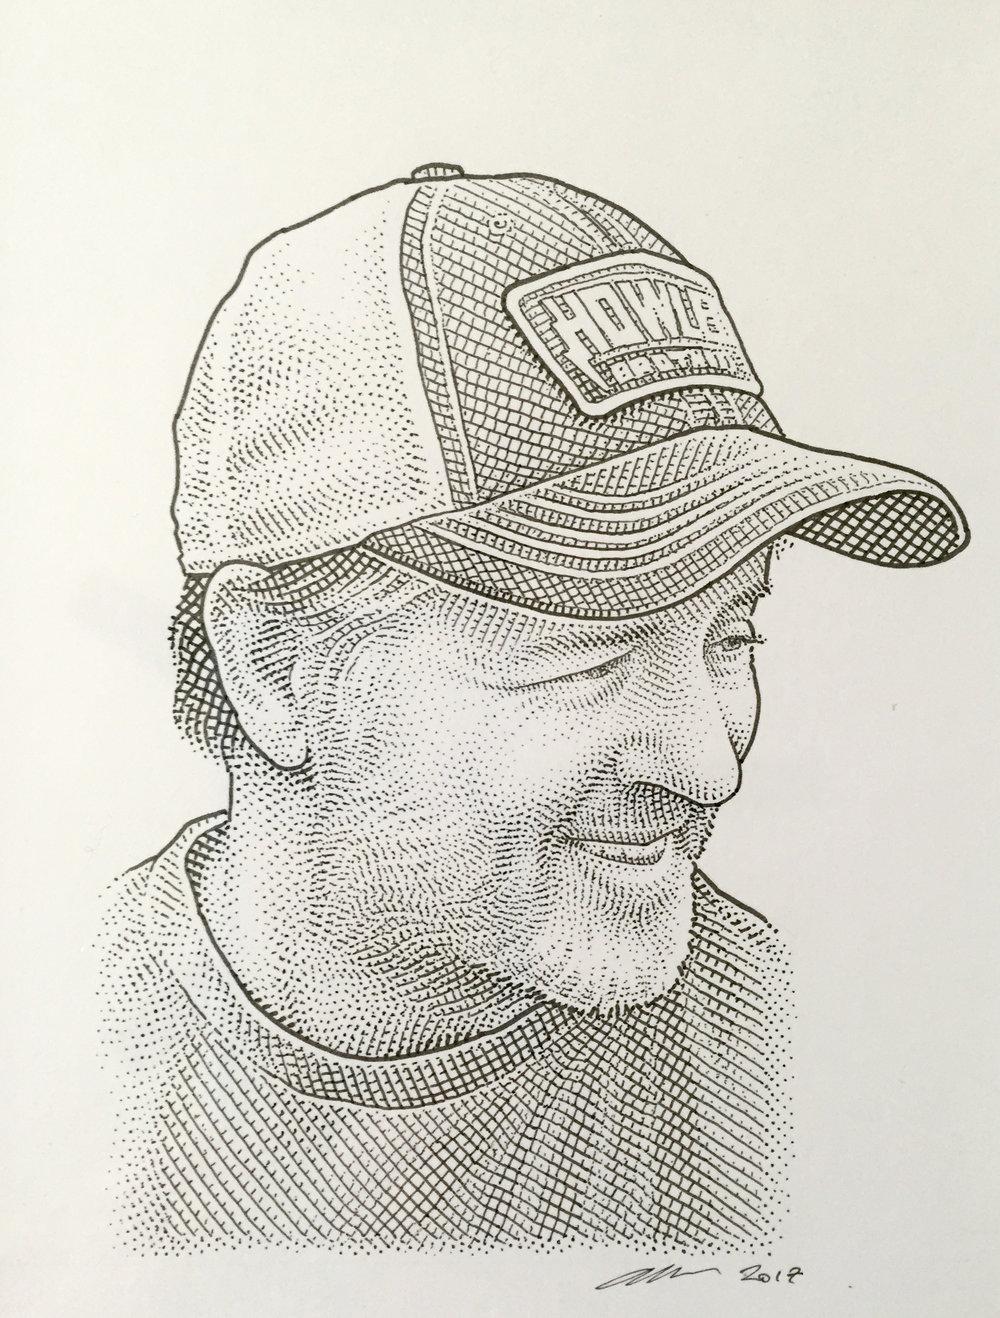 Illustration by Bill Hallinan